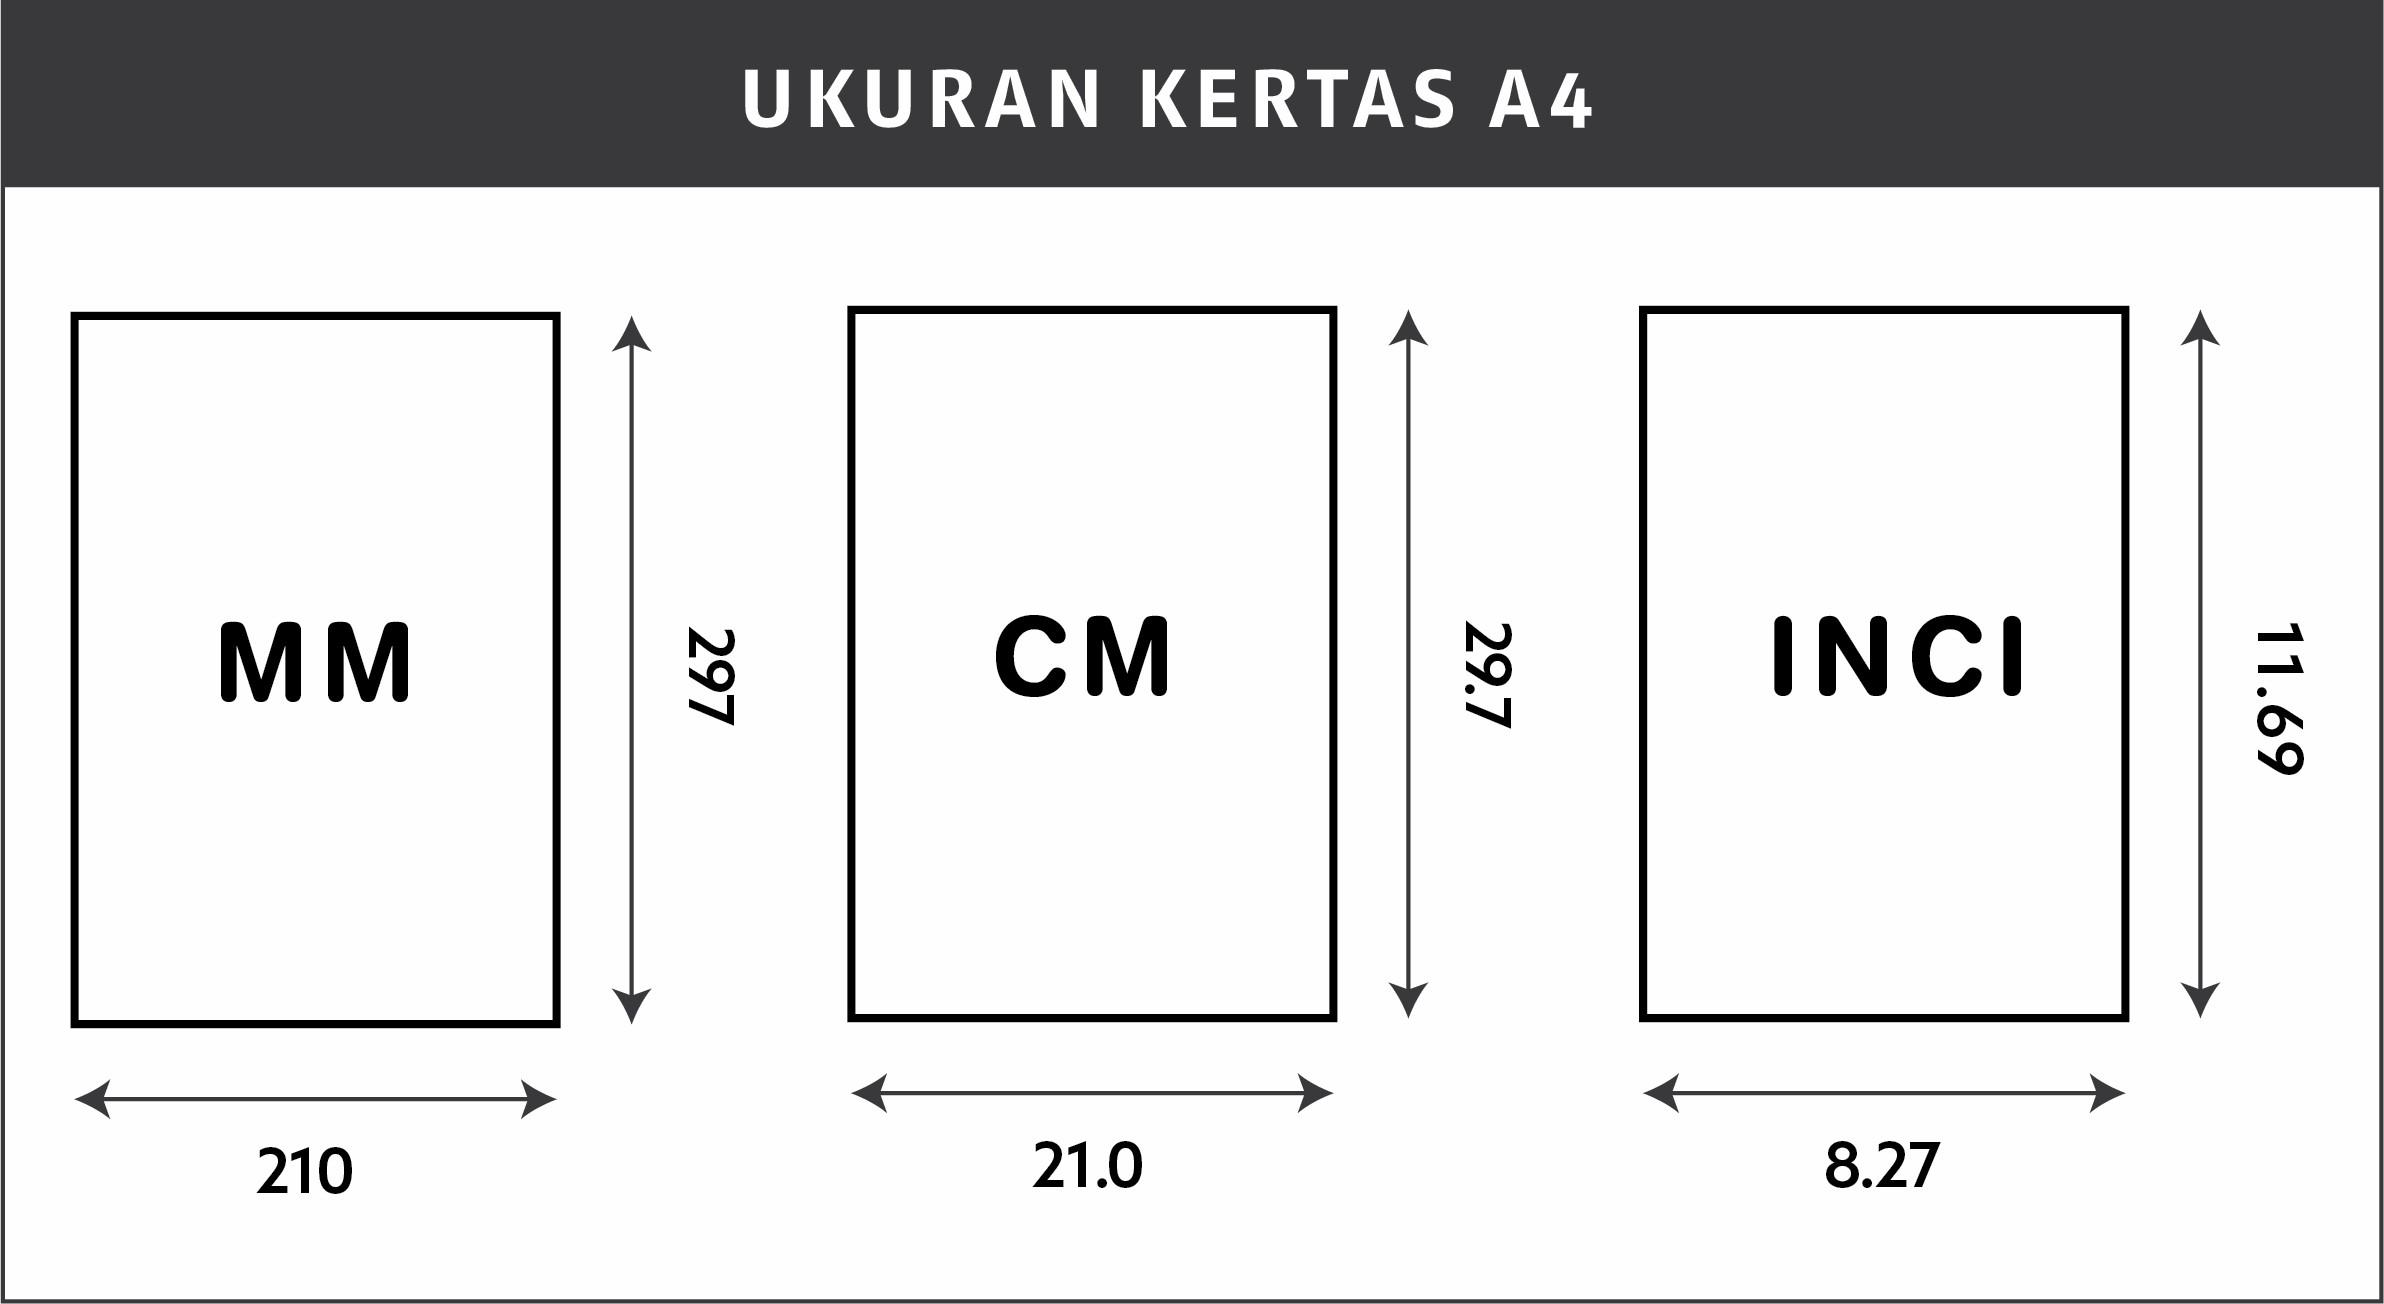 UKURAN KERTAS A4